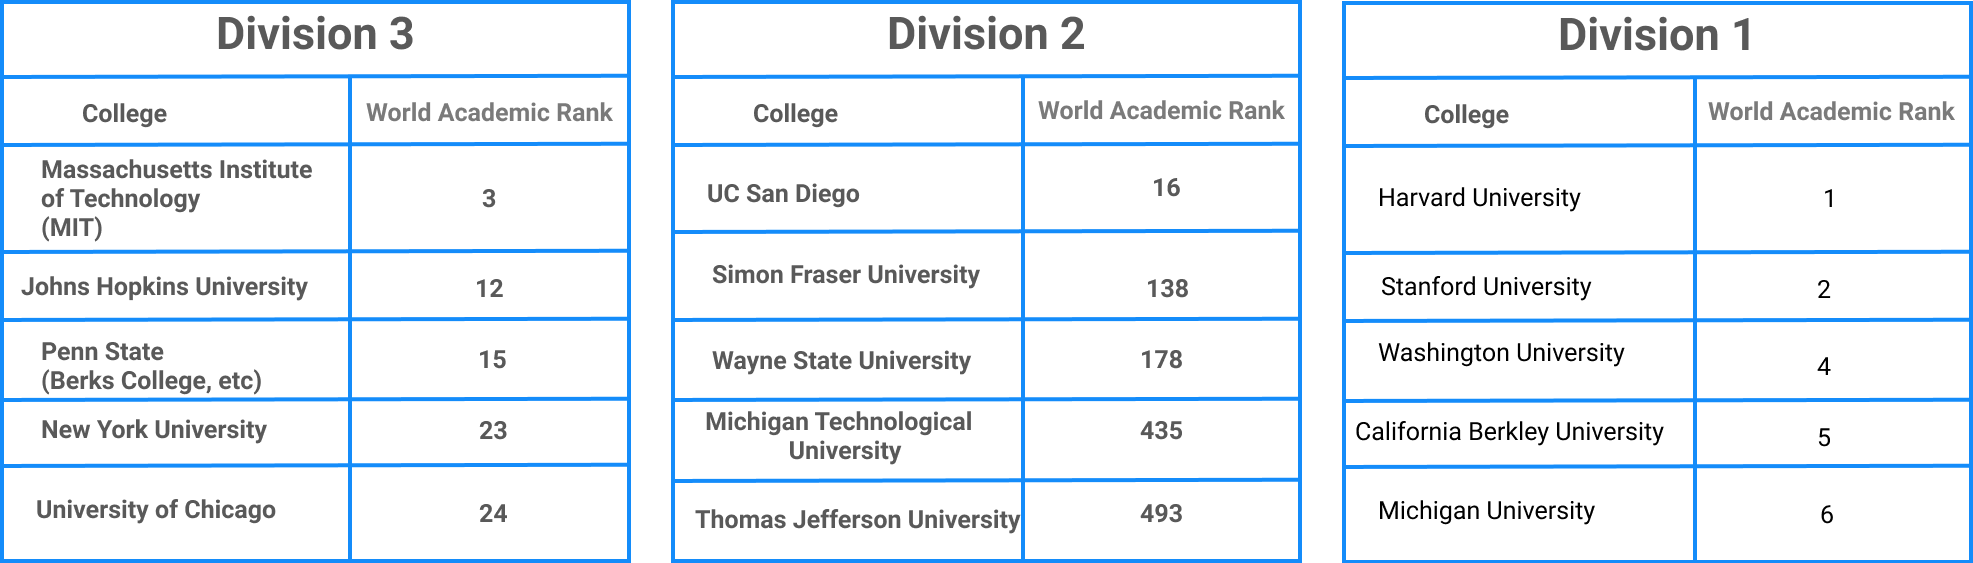 NCAA comparison Div 1,2,3